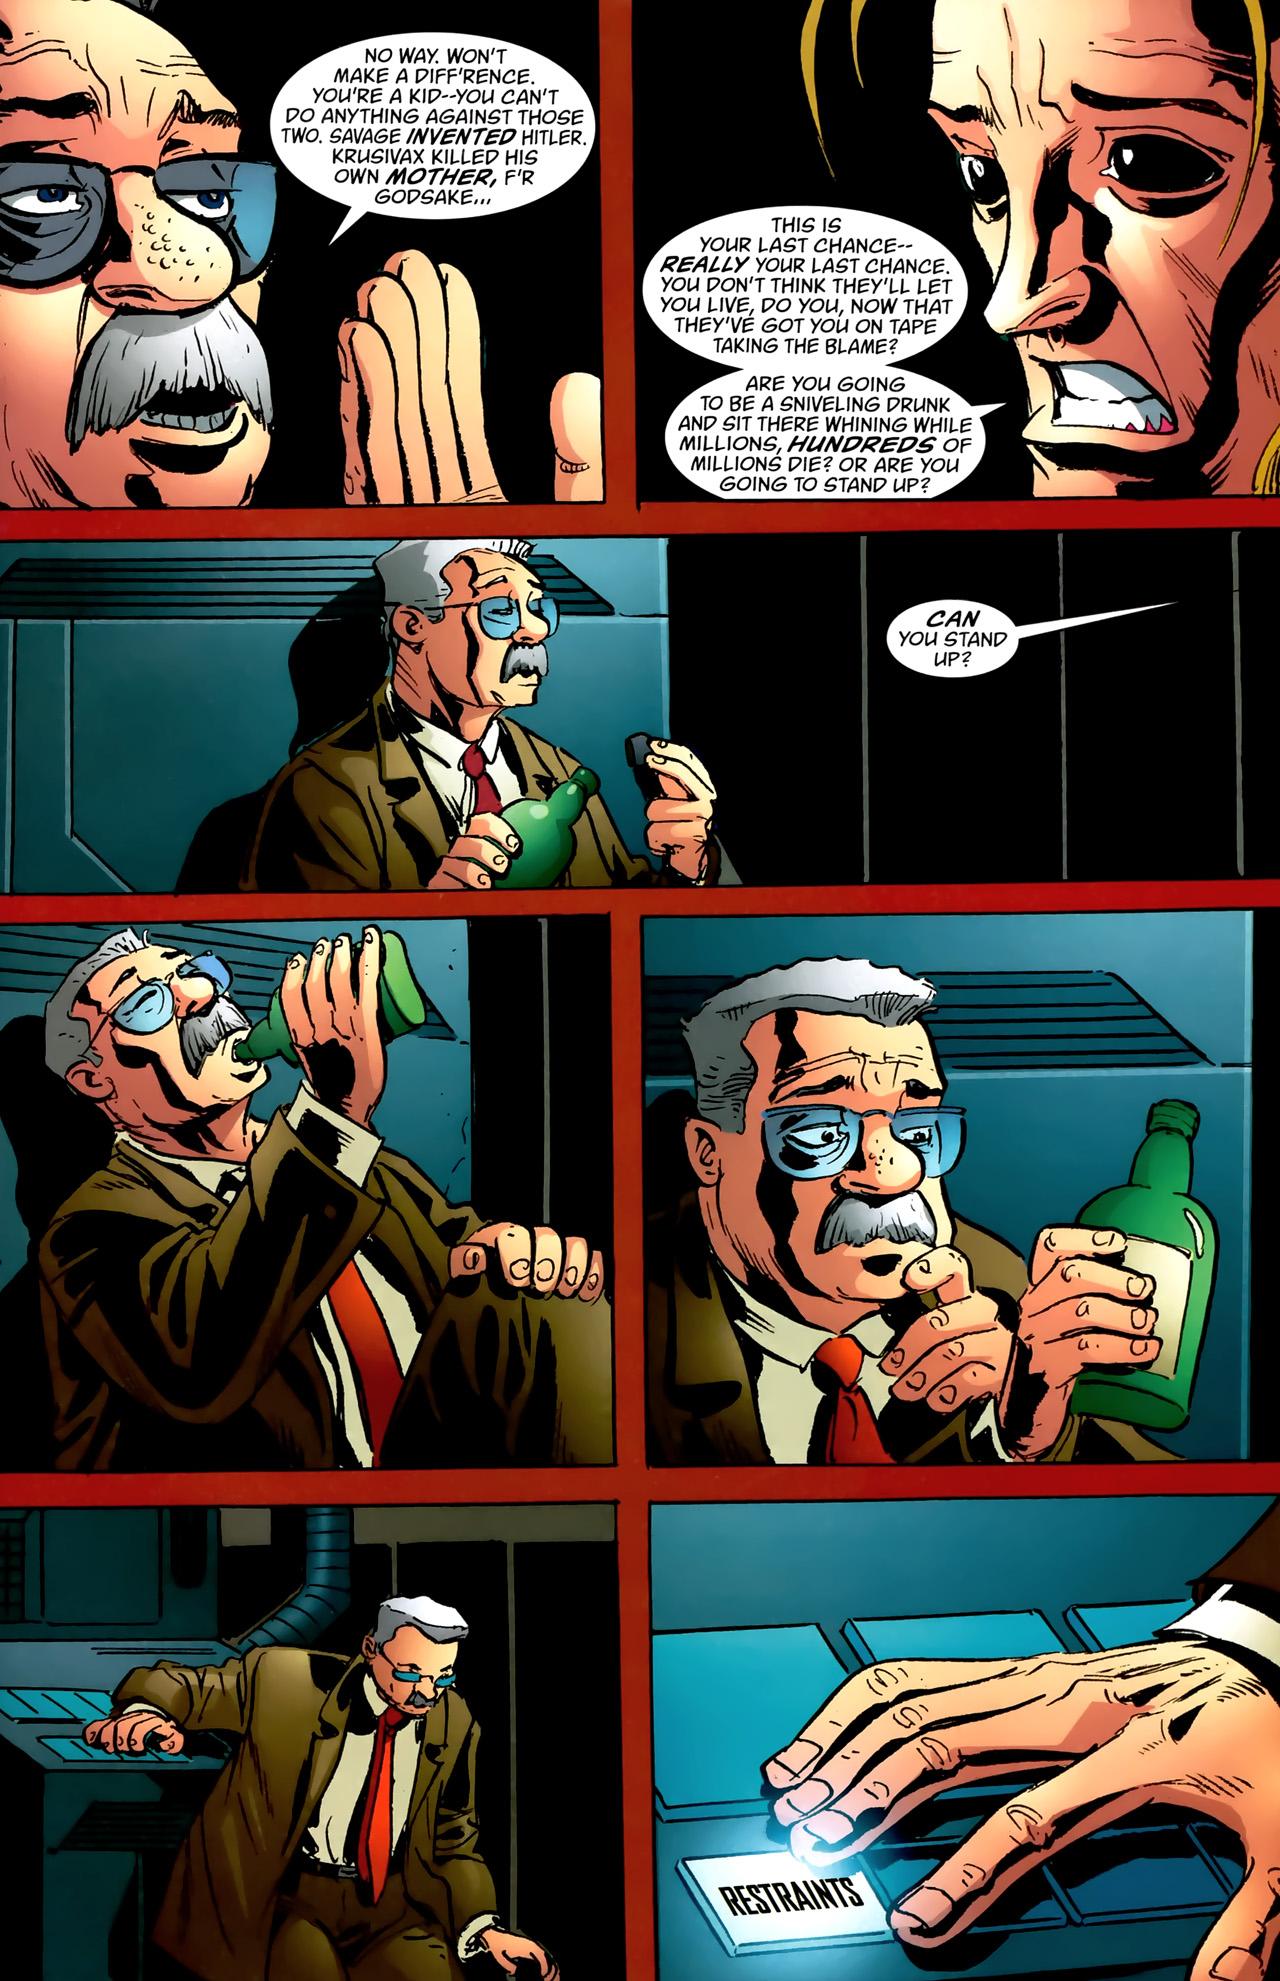 Read online Aquaman: Sword of Atlantis comic -  Issue #55 - 15